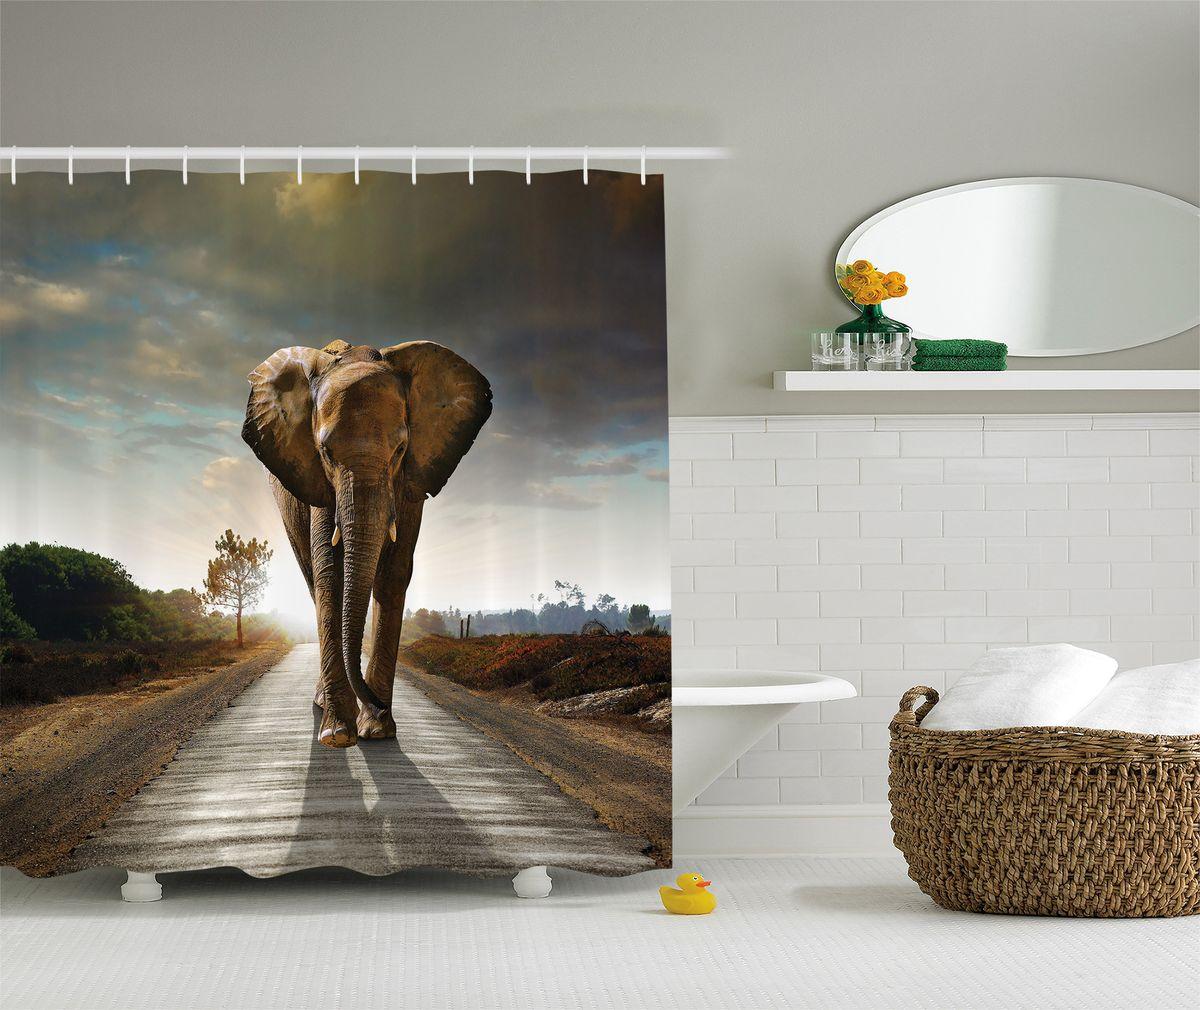 Штора для ванной комнаты Magic Lady Слон на пустынной дороге, 180 х 200 смшв_8248Штора Magic Lady Слон на пустынной дороге, изготовленная из высококачественного сатена (полиэстер 100%), отлично дополнит любой интерьер ванной комнаты. При изготовлении используются специальные гипоаллергенные чернила для прямой печати по ткани, безопасные для человека.В комплекте: 1 штора, 12 крючков. Обращаем ваше внимание, фактический цвет изделия может незначительно отличаться от представленного на фото.